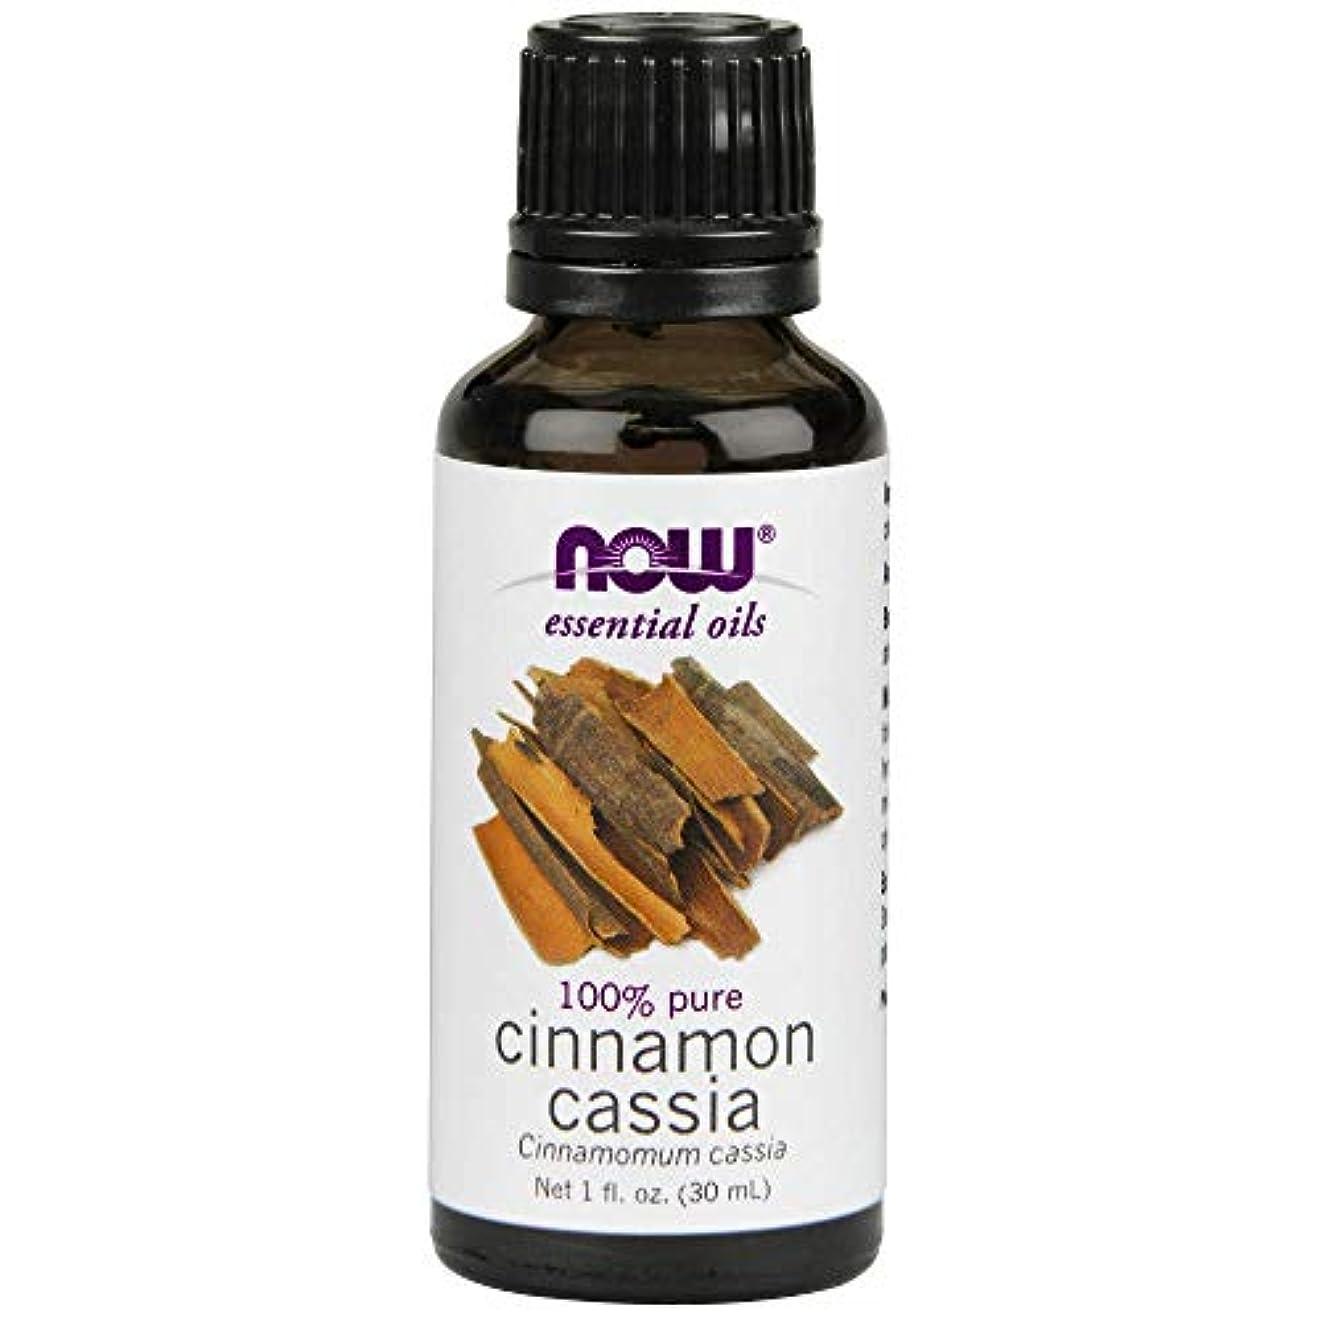 しみやろうメディカルNow - Cinnamon Cassia Oil 100% Pure 1 oz (30 ml) [並行輸入品]